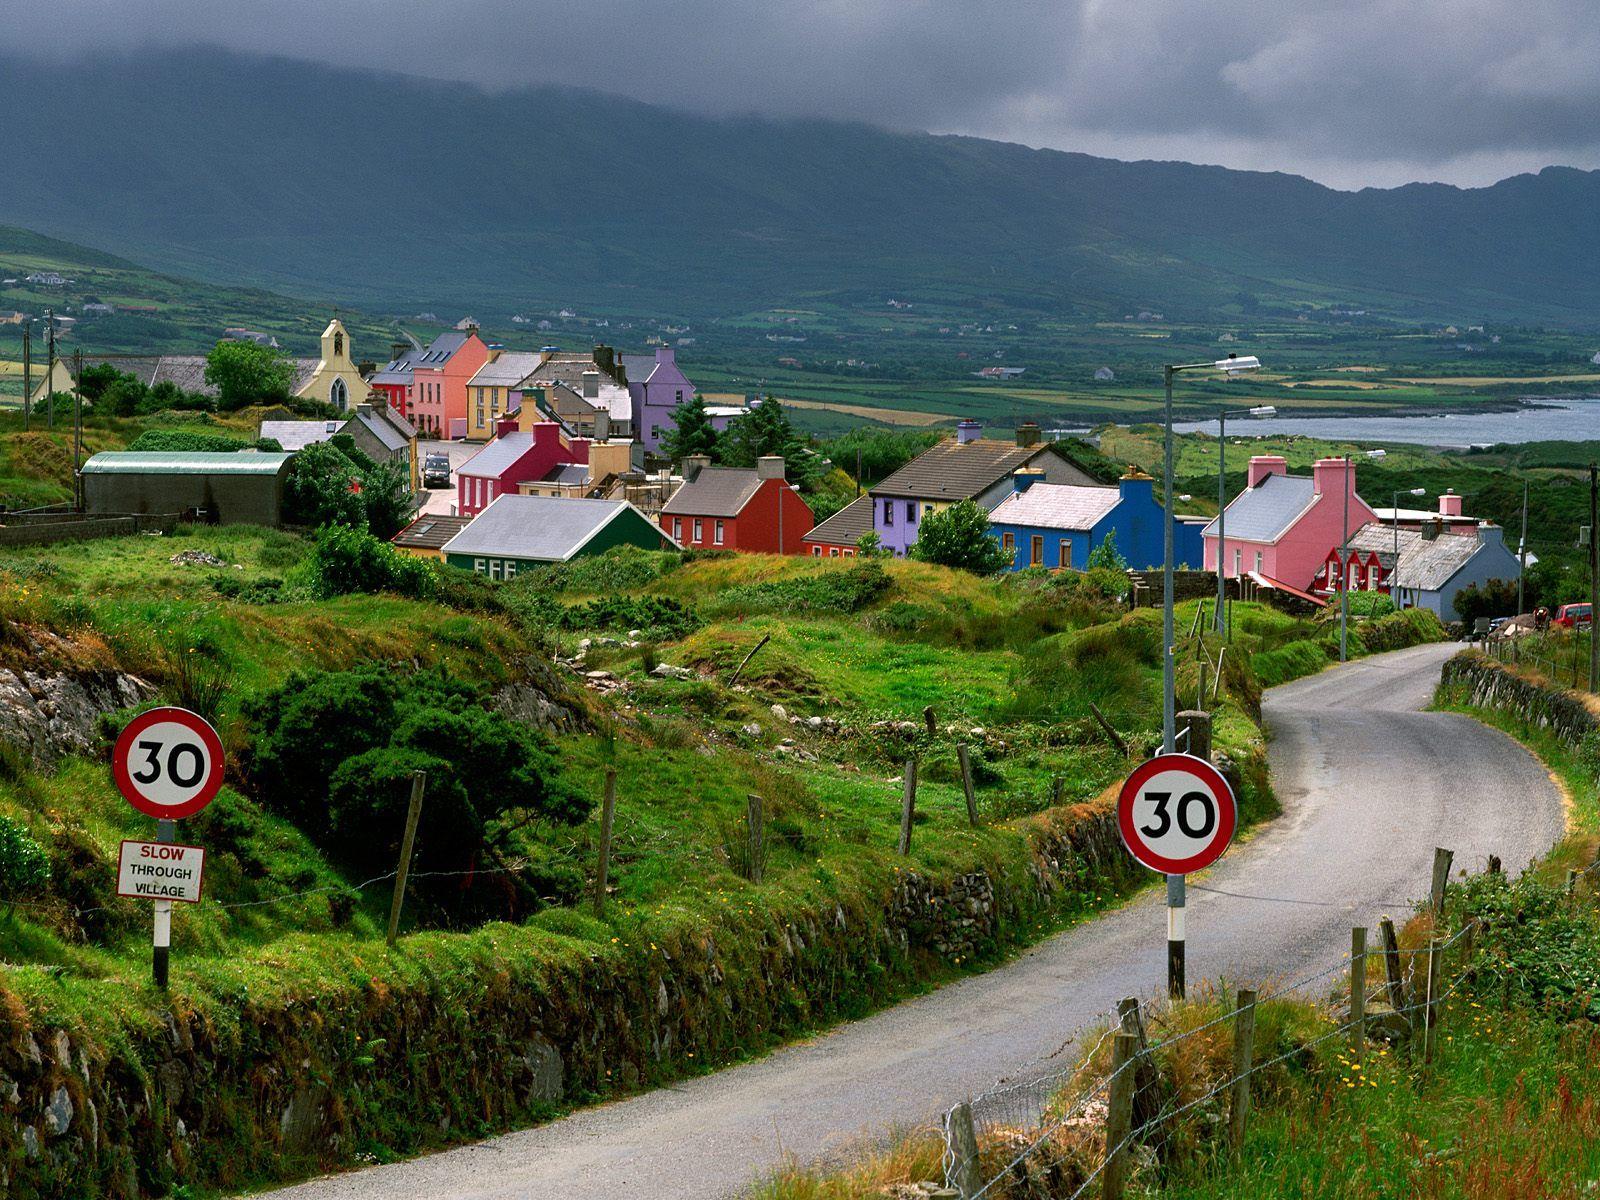 I want to go - Ireland